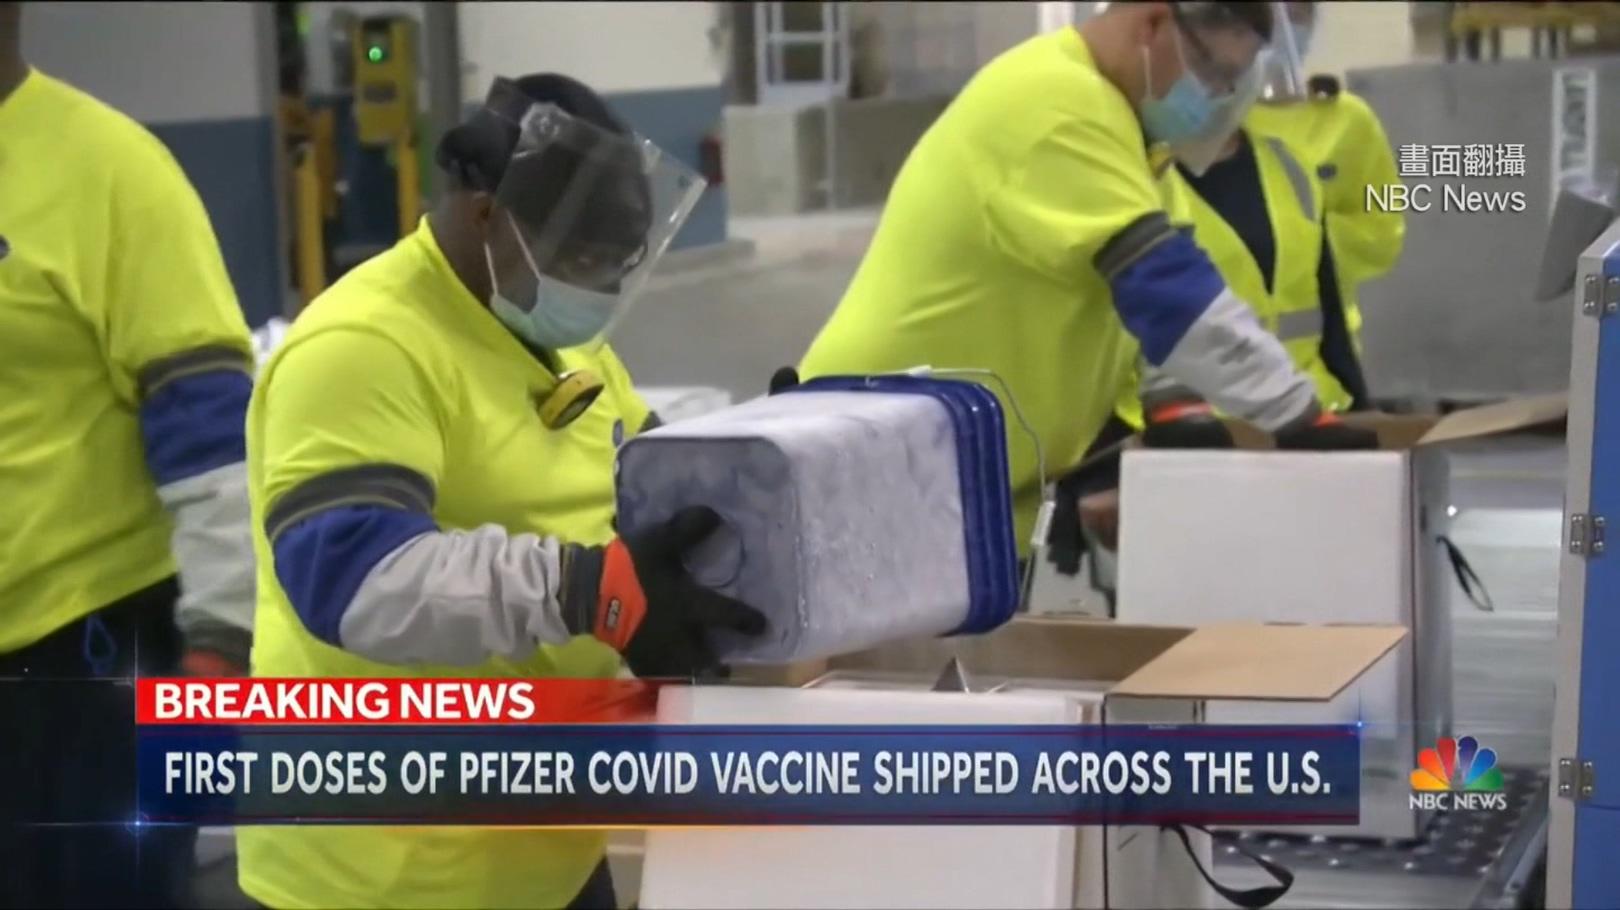 輝瑞疫苗有問題? 4名受試者打完竟「面癱」!